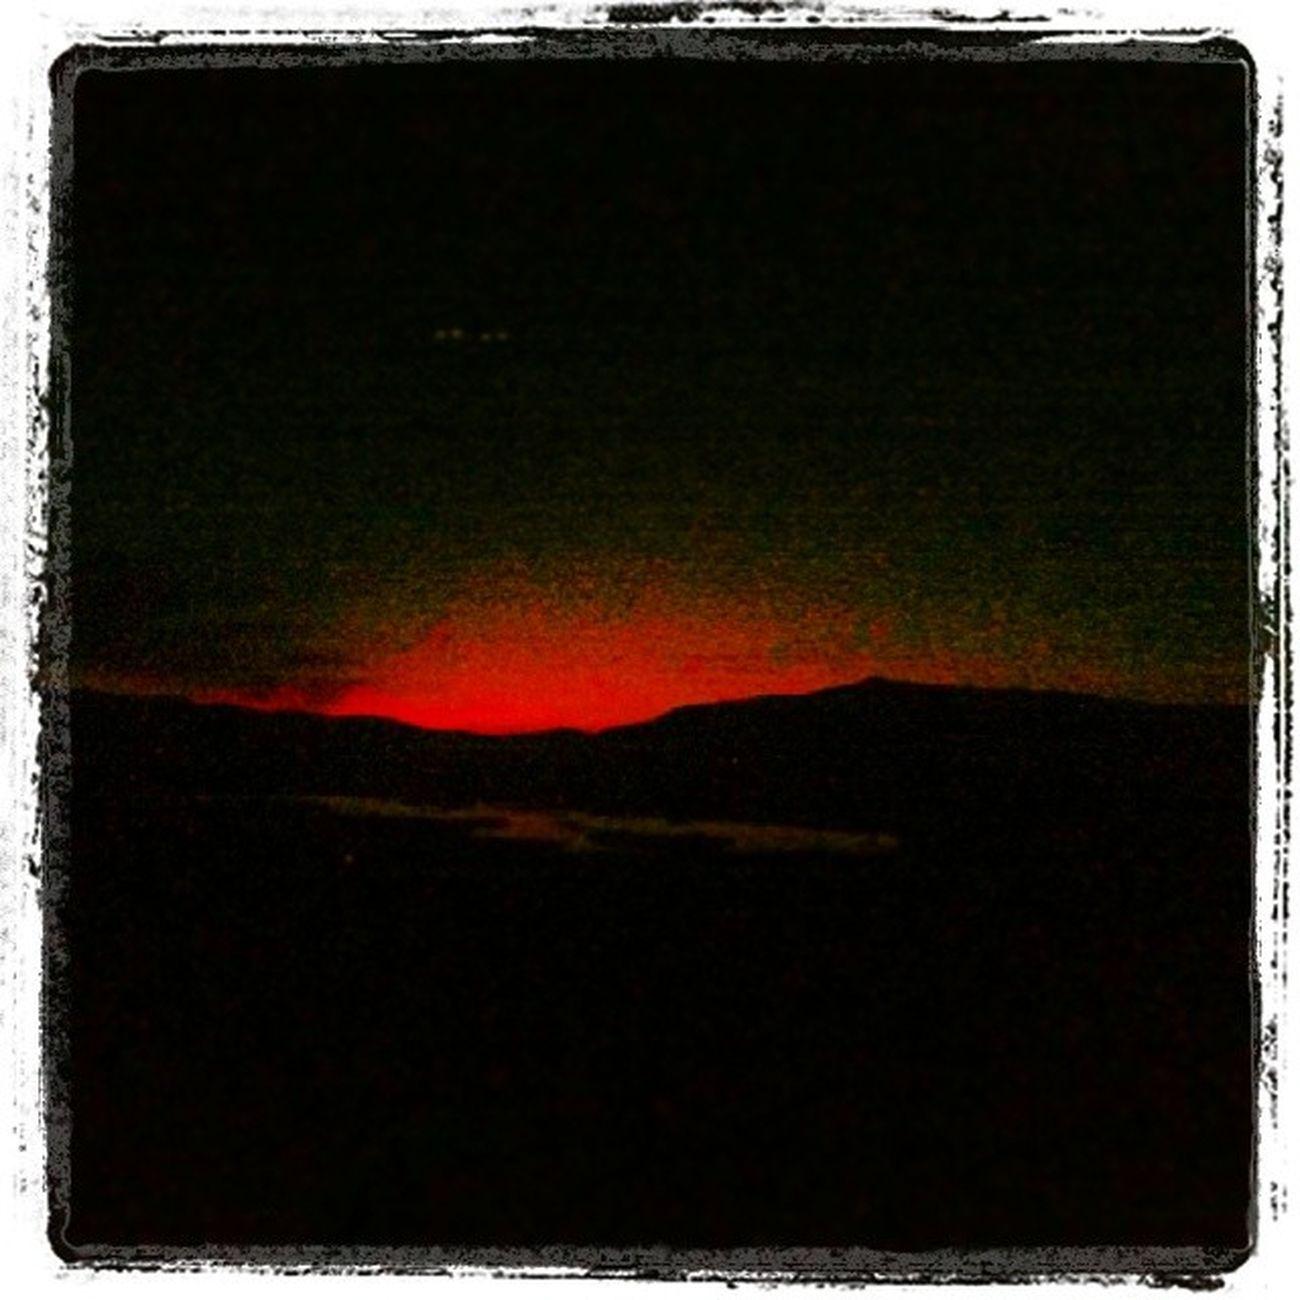 Ben kaçar der gibi kızıl kızıl güneş. Hadi bana eyvallah.